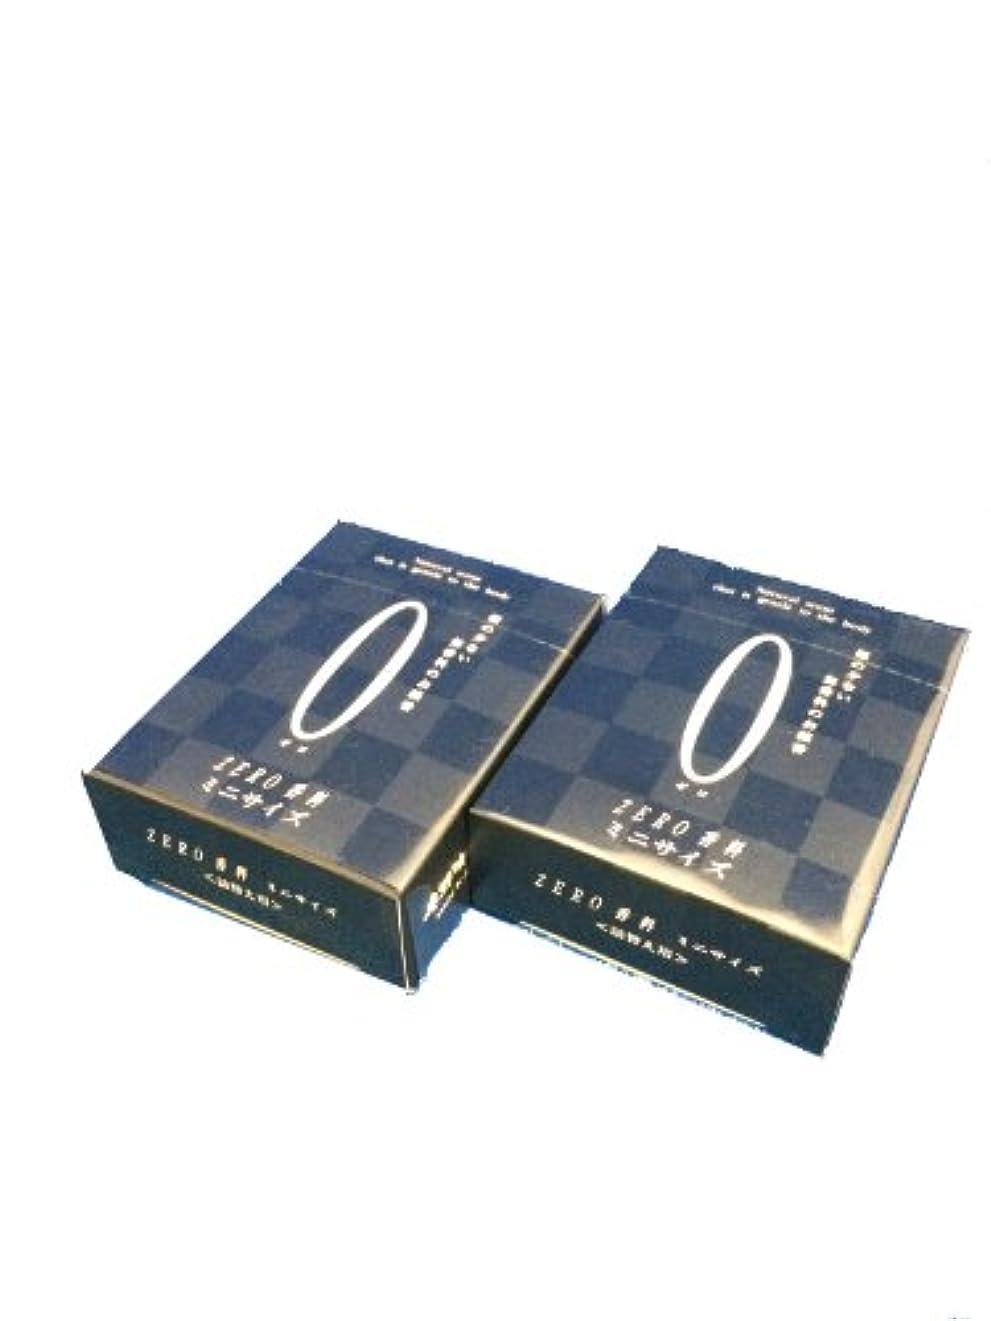 失効惨めな含むZERO ゼロ香料 詰め替え用 2個セット ミニ寸 サイズ 約60g